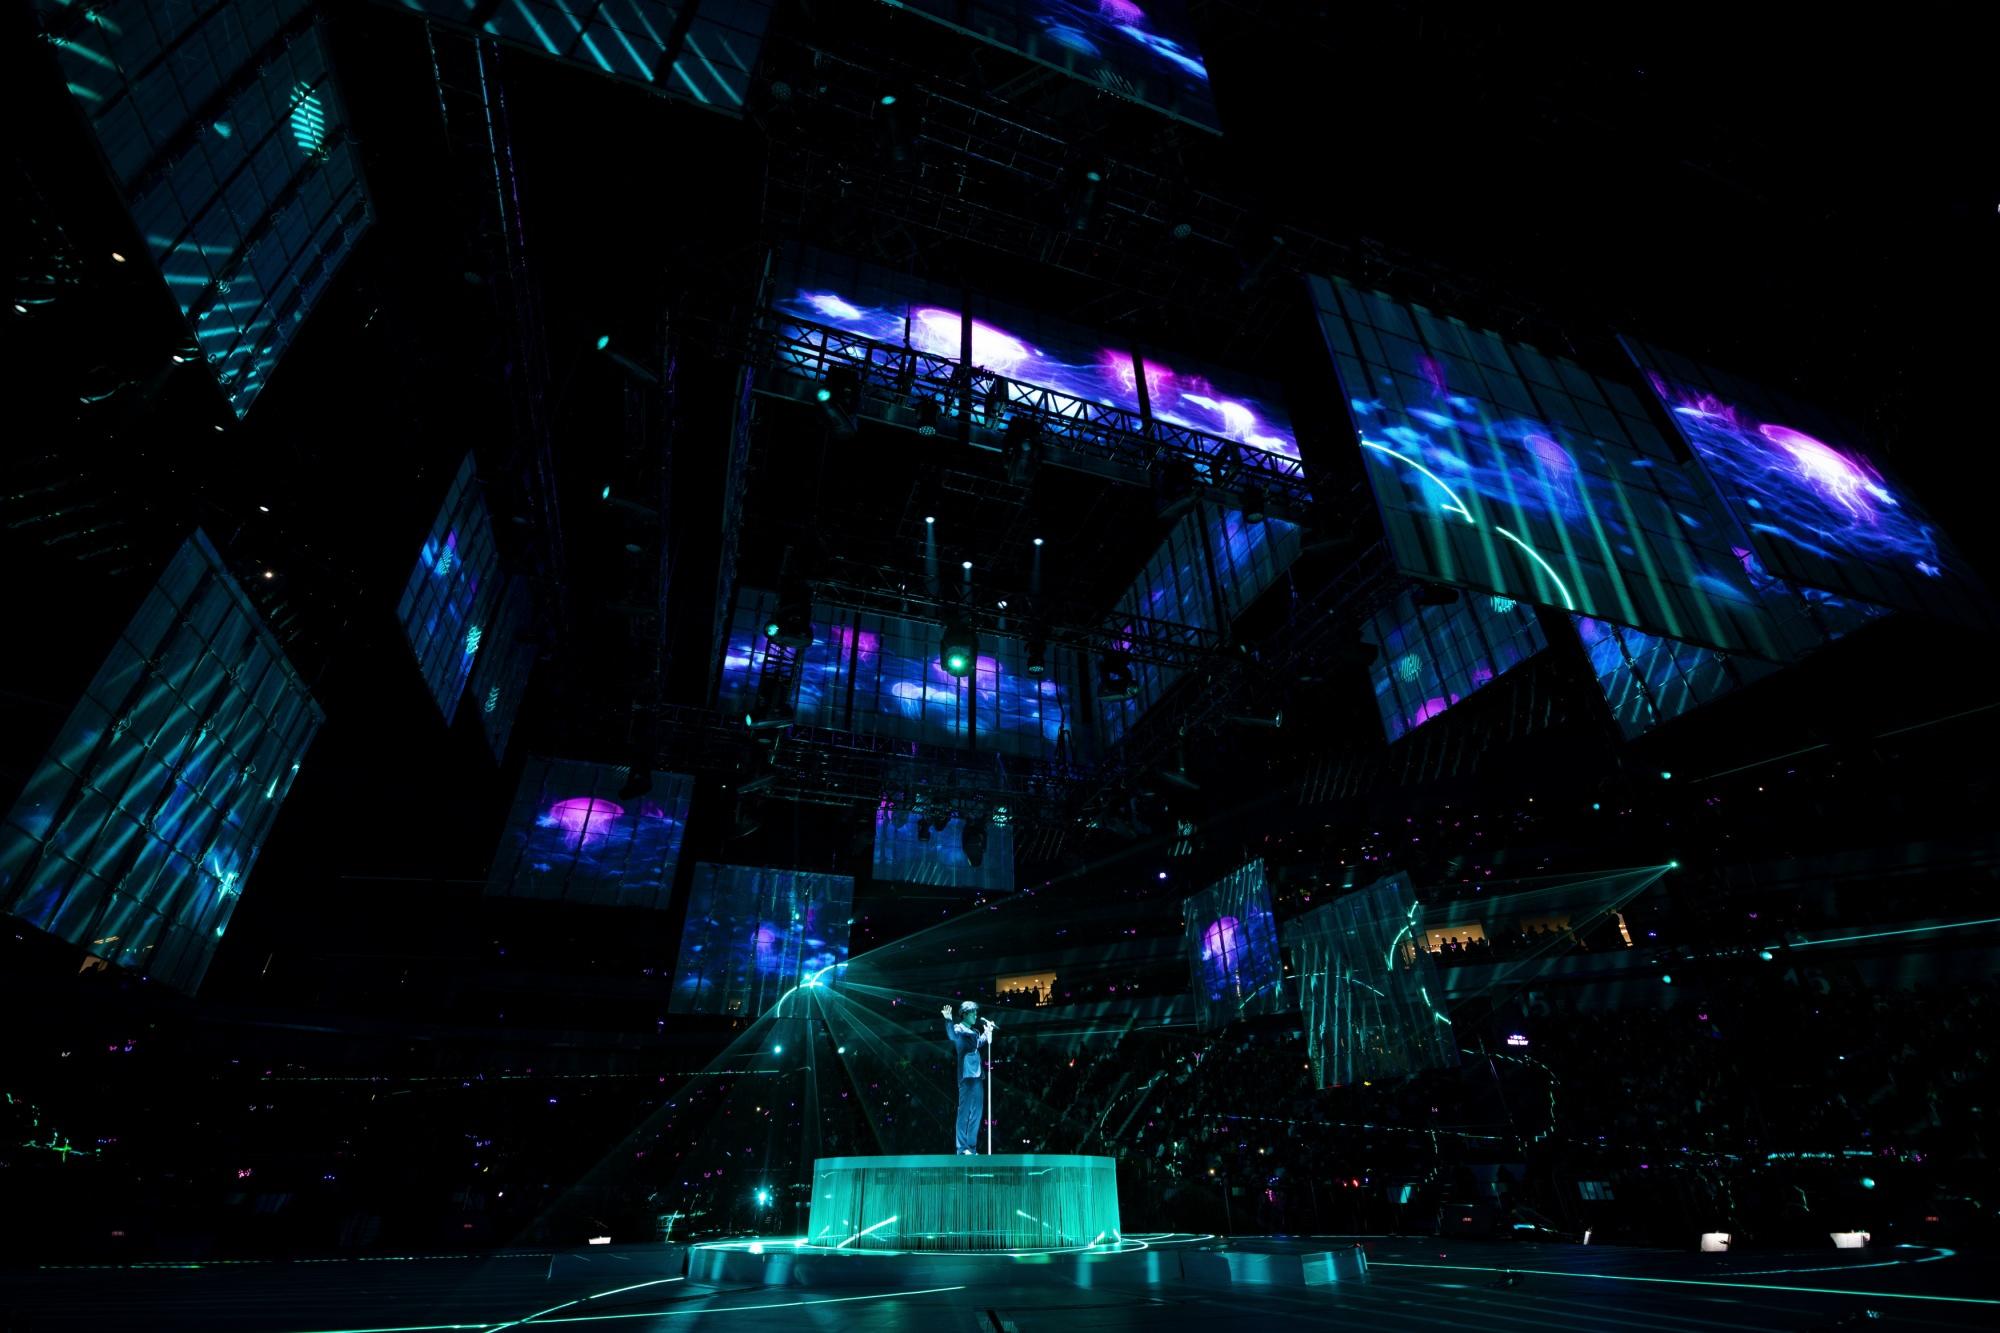 李健南京暖心开唱 《红豆曲》特别献给金陵